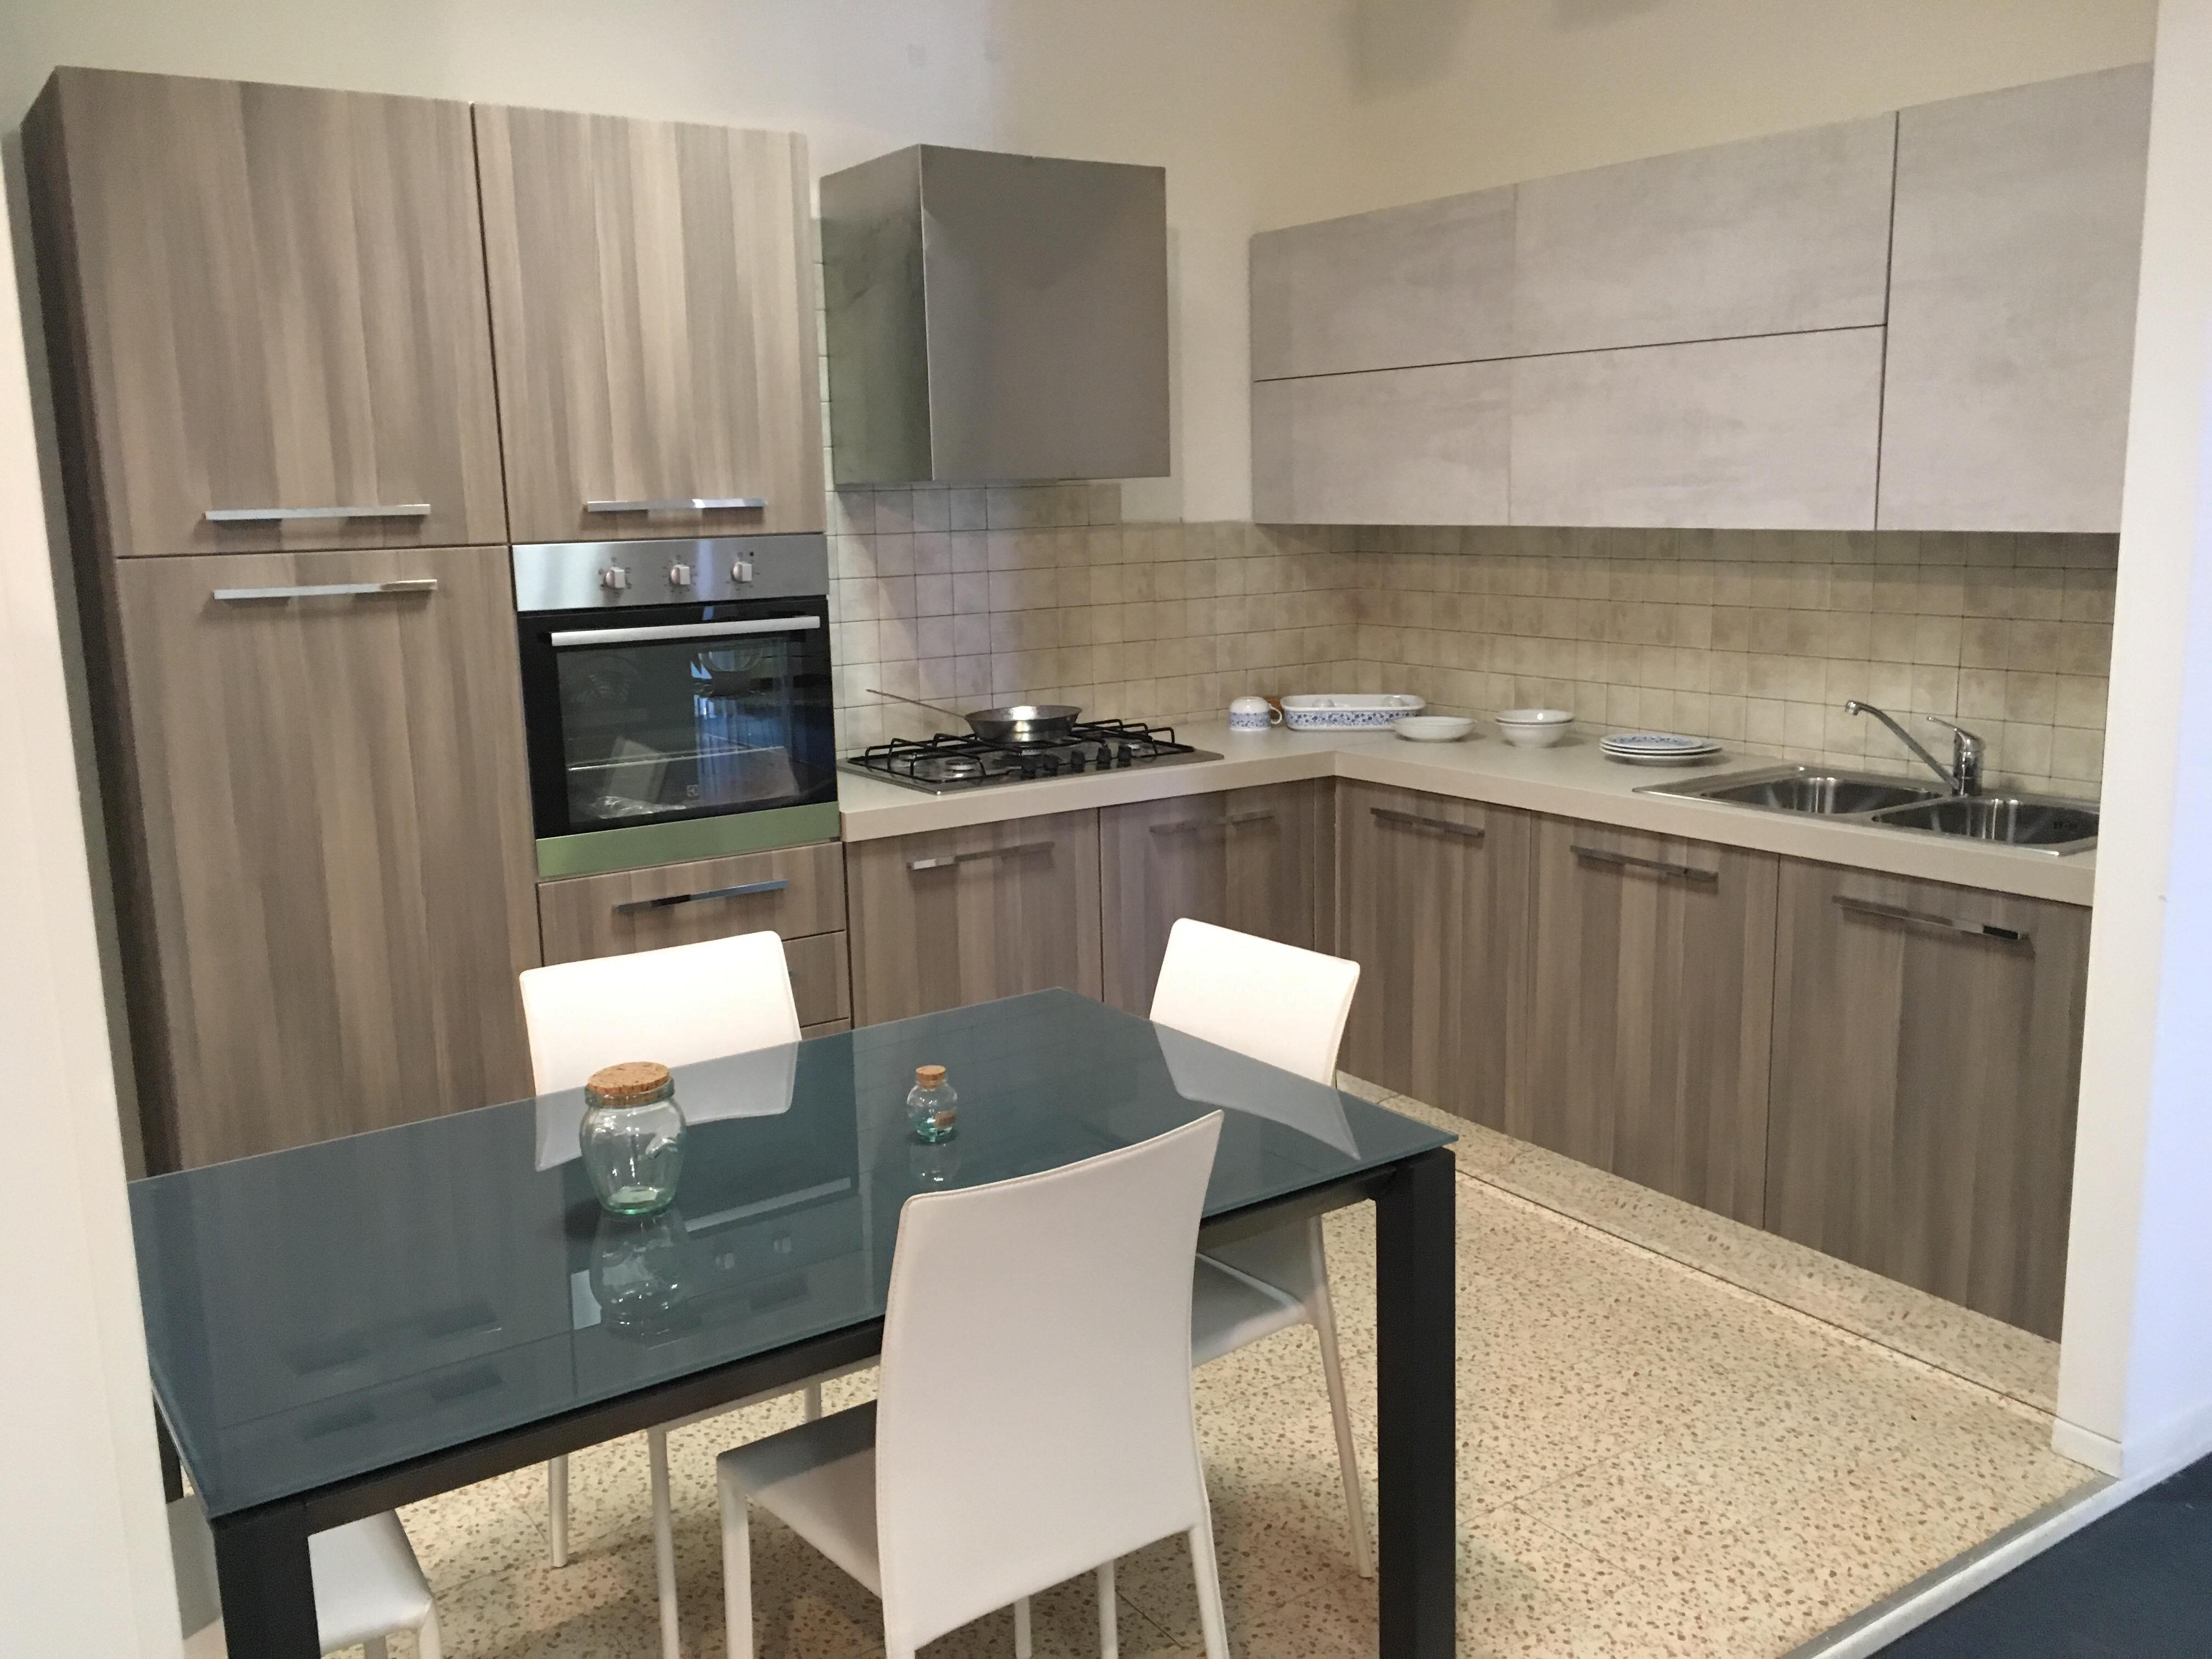 Offerta cucina ad angolo astra cucine misura 300x240cm - Mobile angolo cucina ...